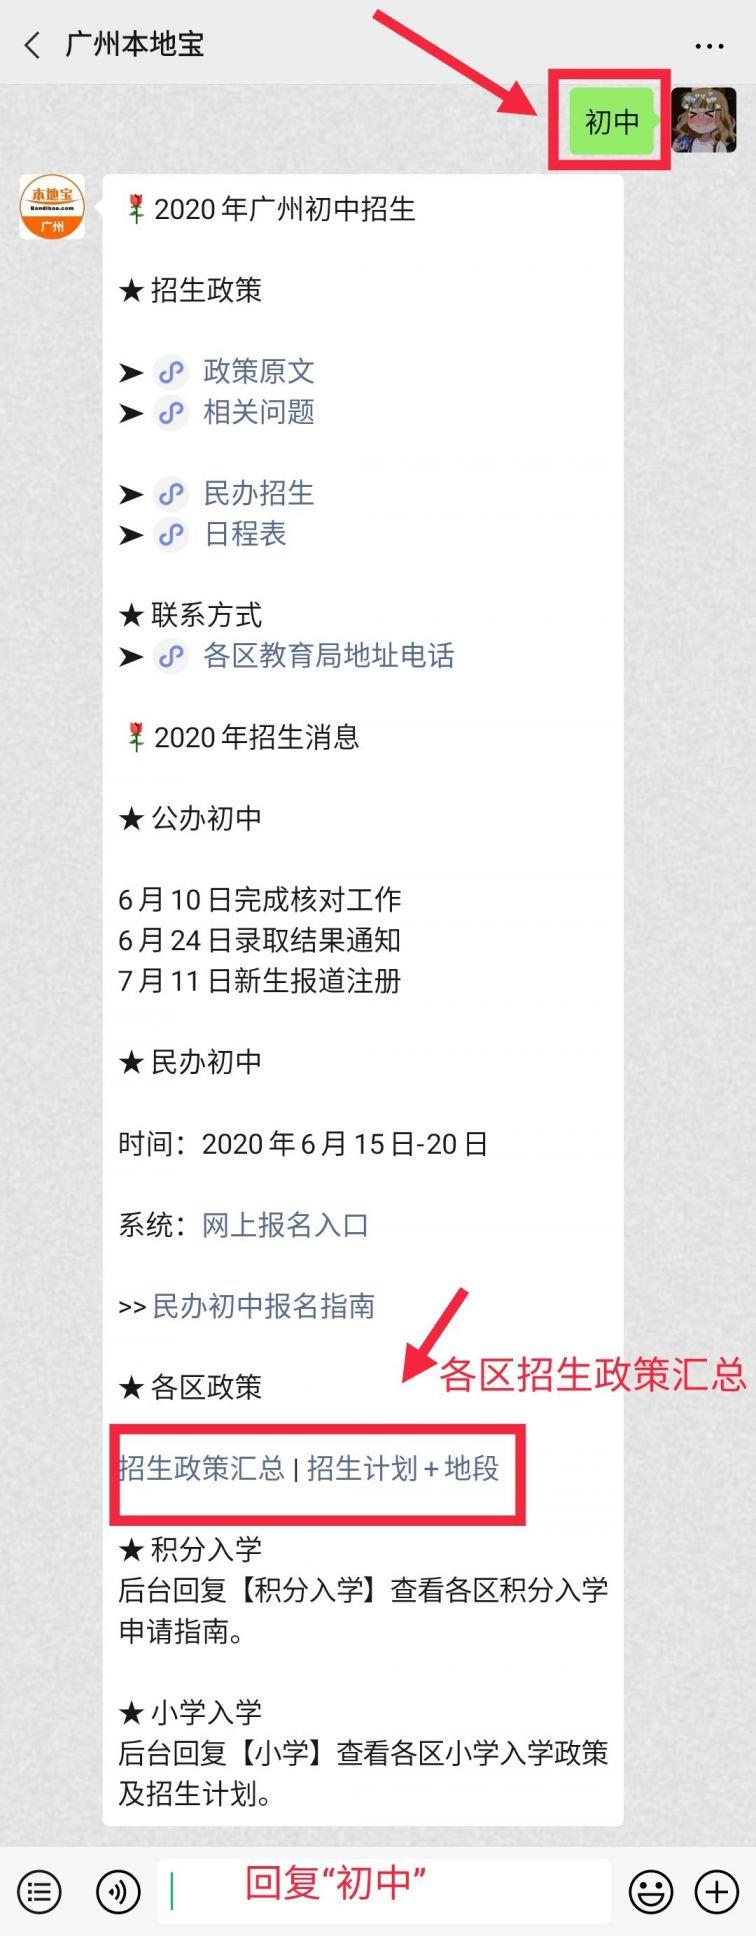 2020广州增城区新塘镇第三中学招生地段范围